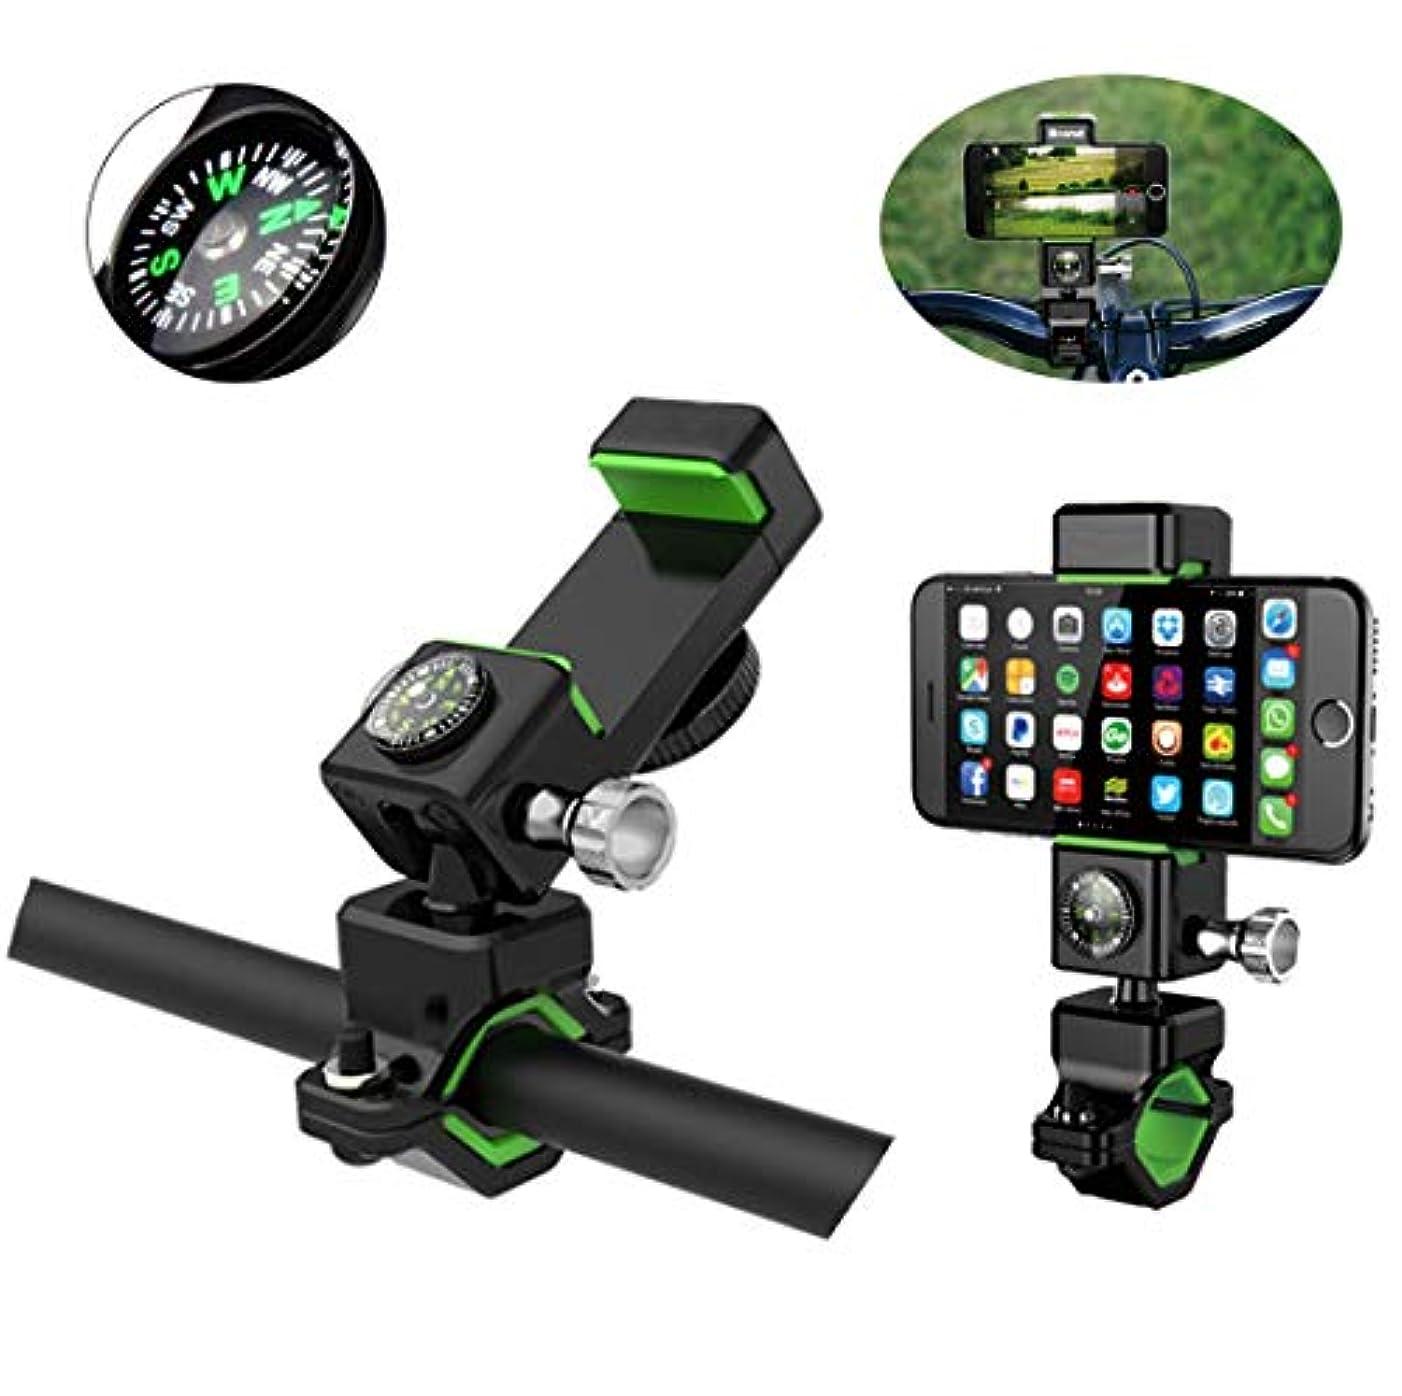 ベリこっそり尊厳YIJIAOYUN 360°回転可能携帯電話ホルダー 自転車用ハンドルバー 滑り止めクランプサポート LEDライトとコンパス付き スマートフォン用